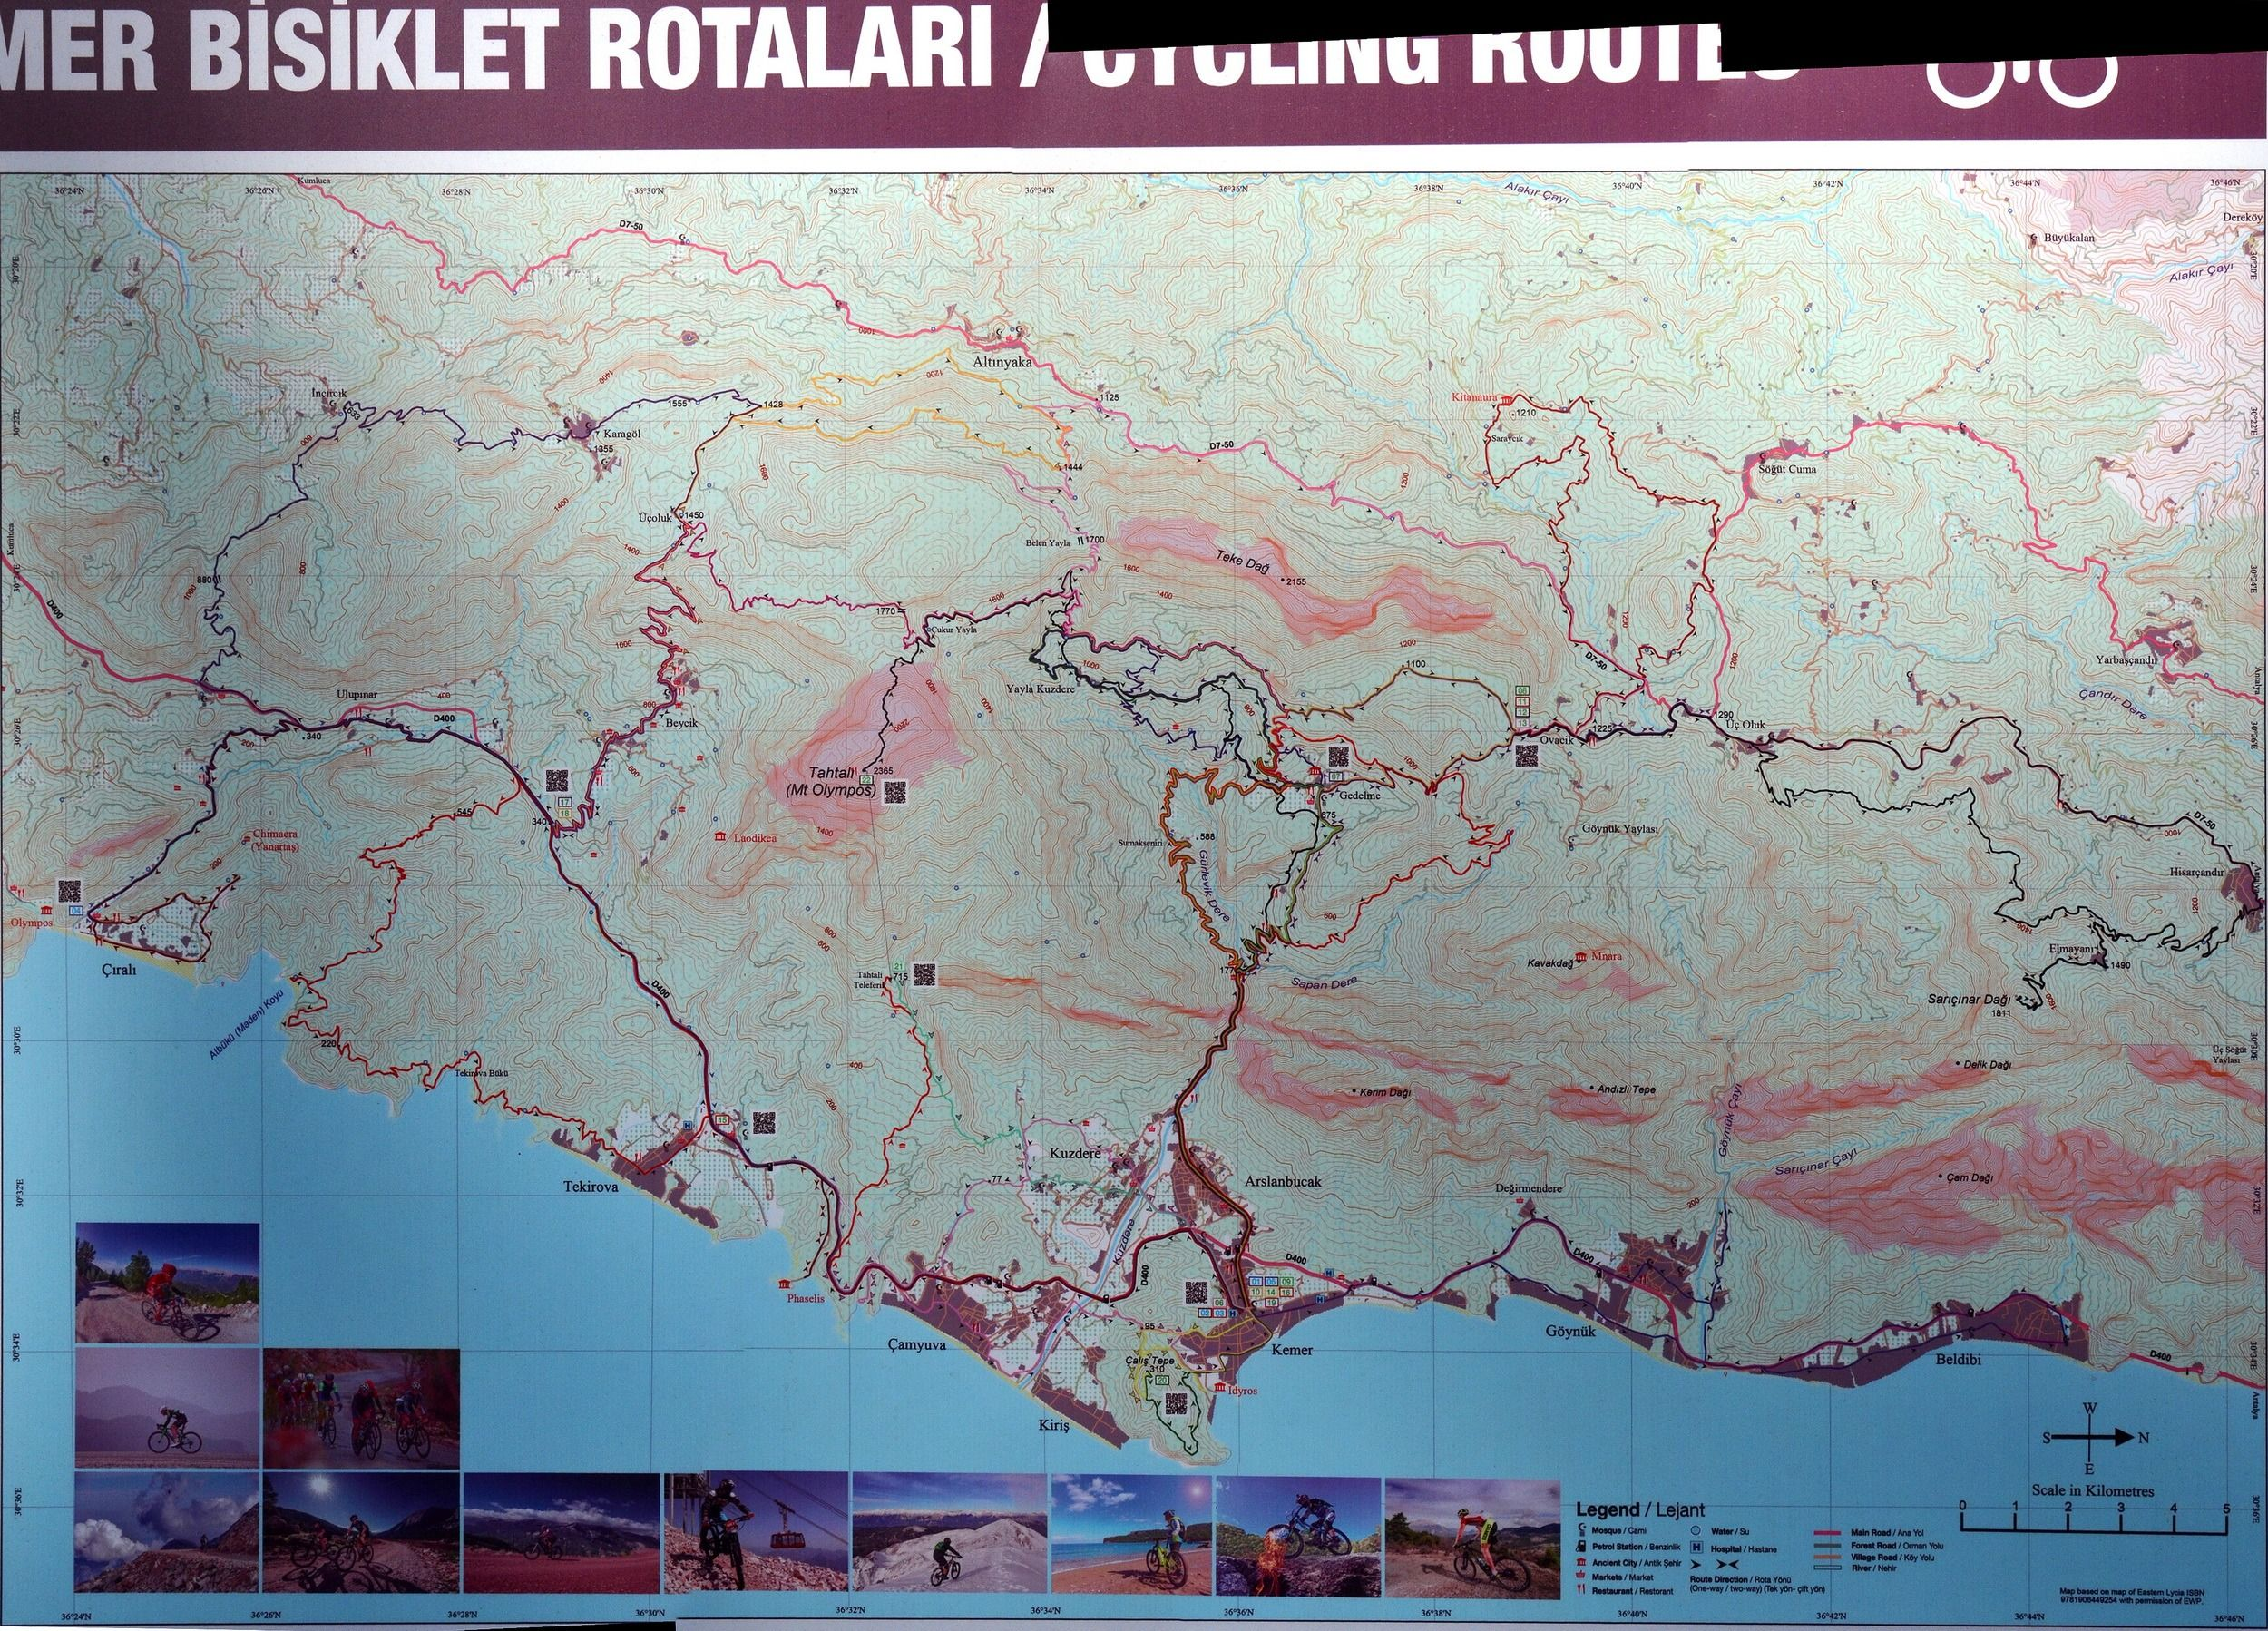 Velo_map_1_res.jpg